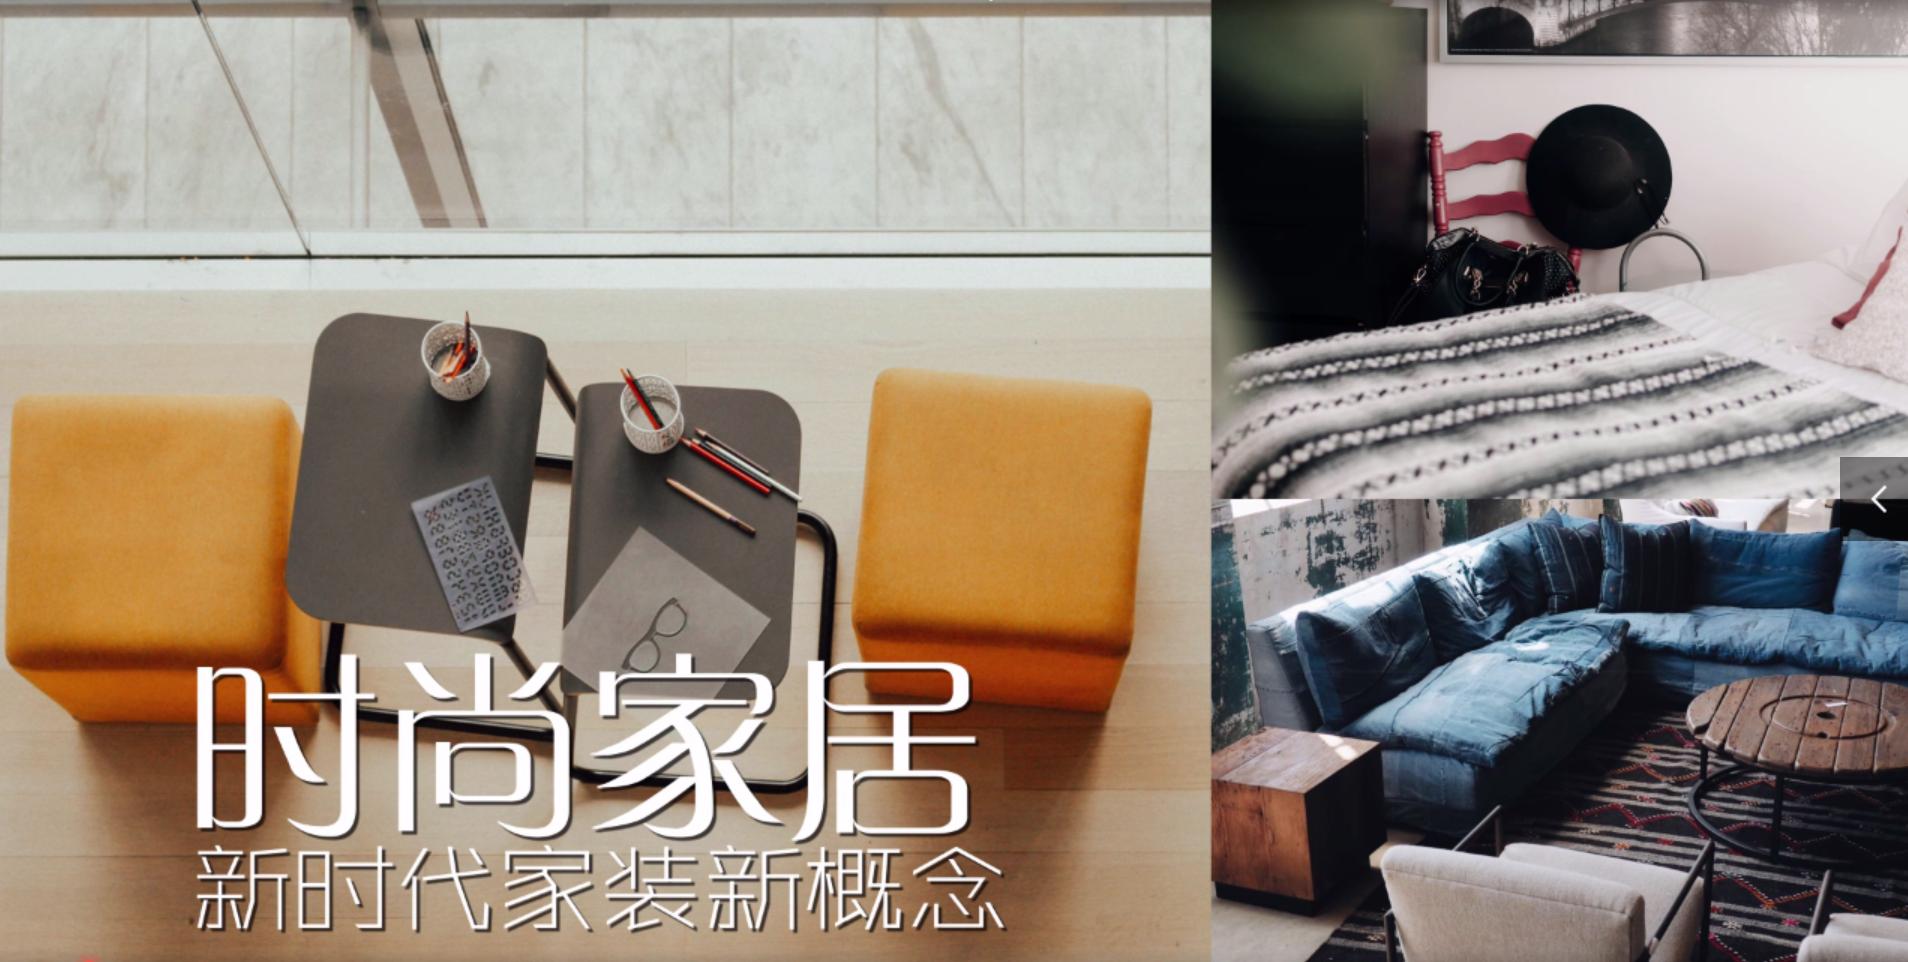 时尚家居-邦建装饰为每一个客户提供时尚设计